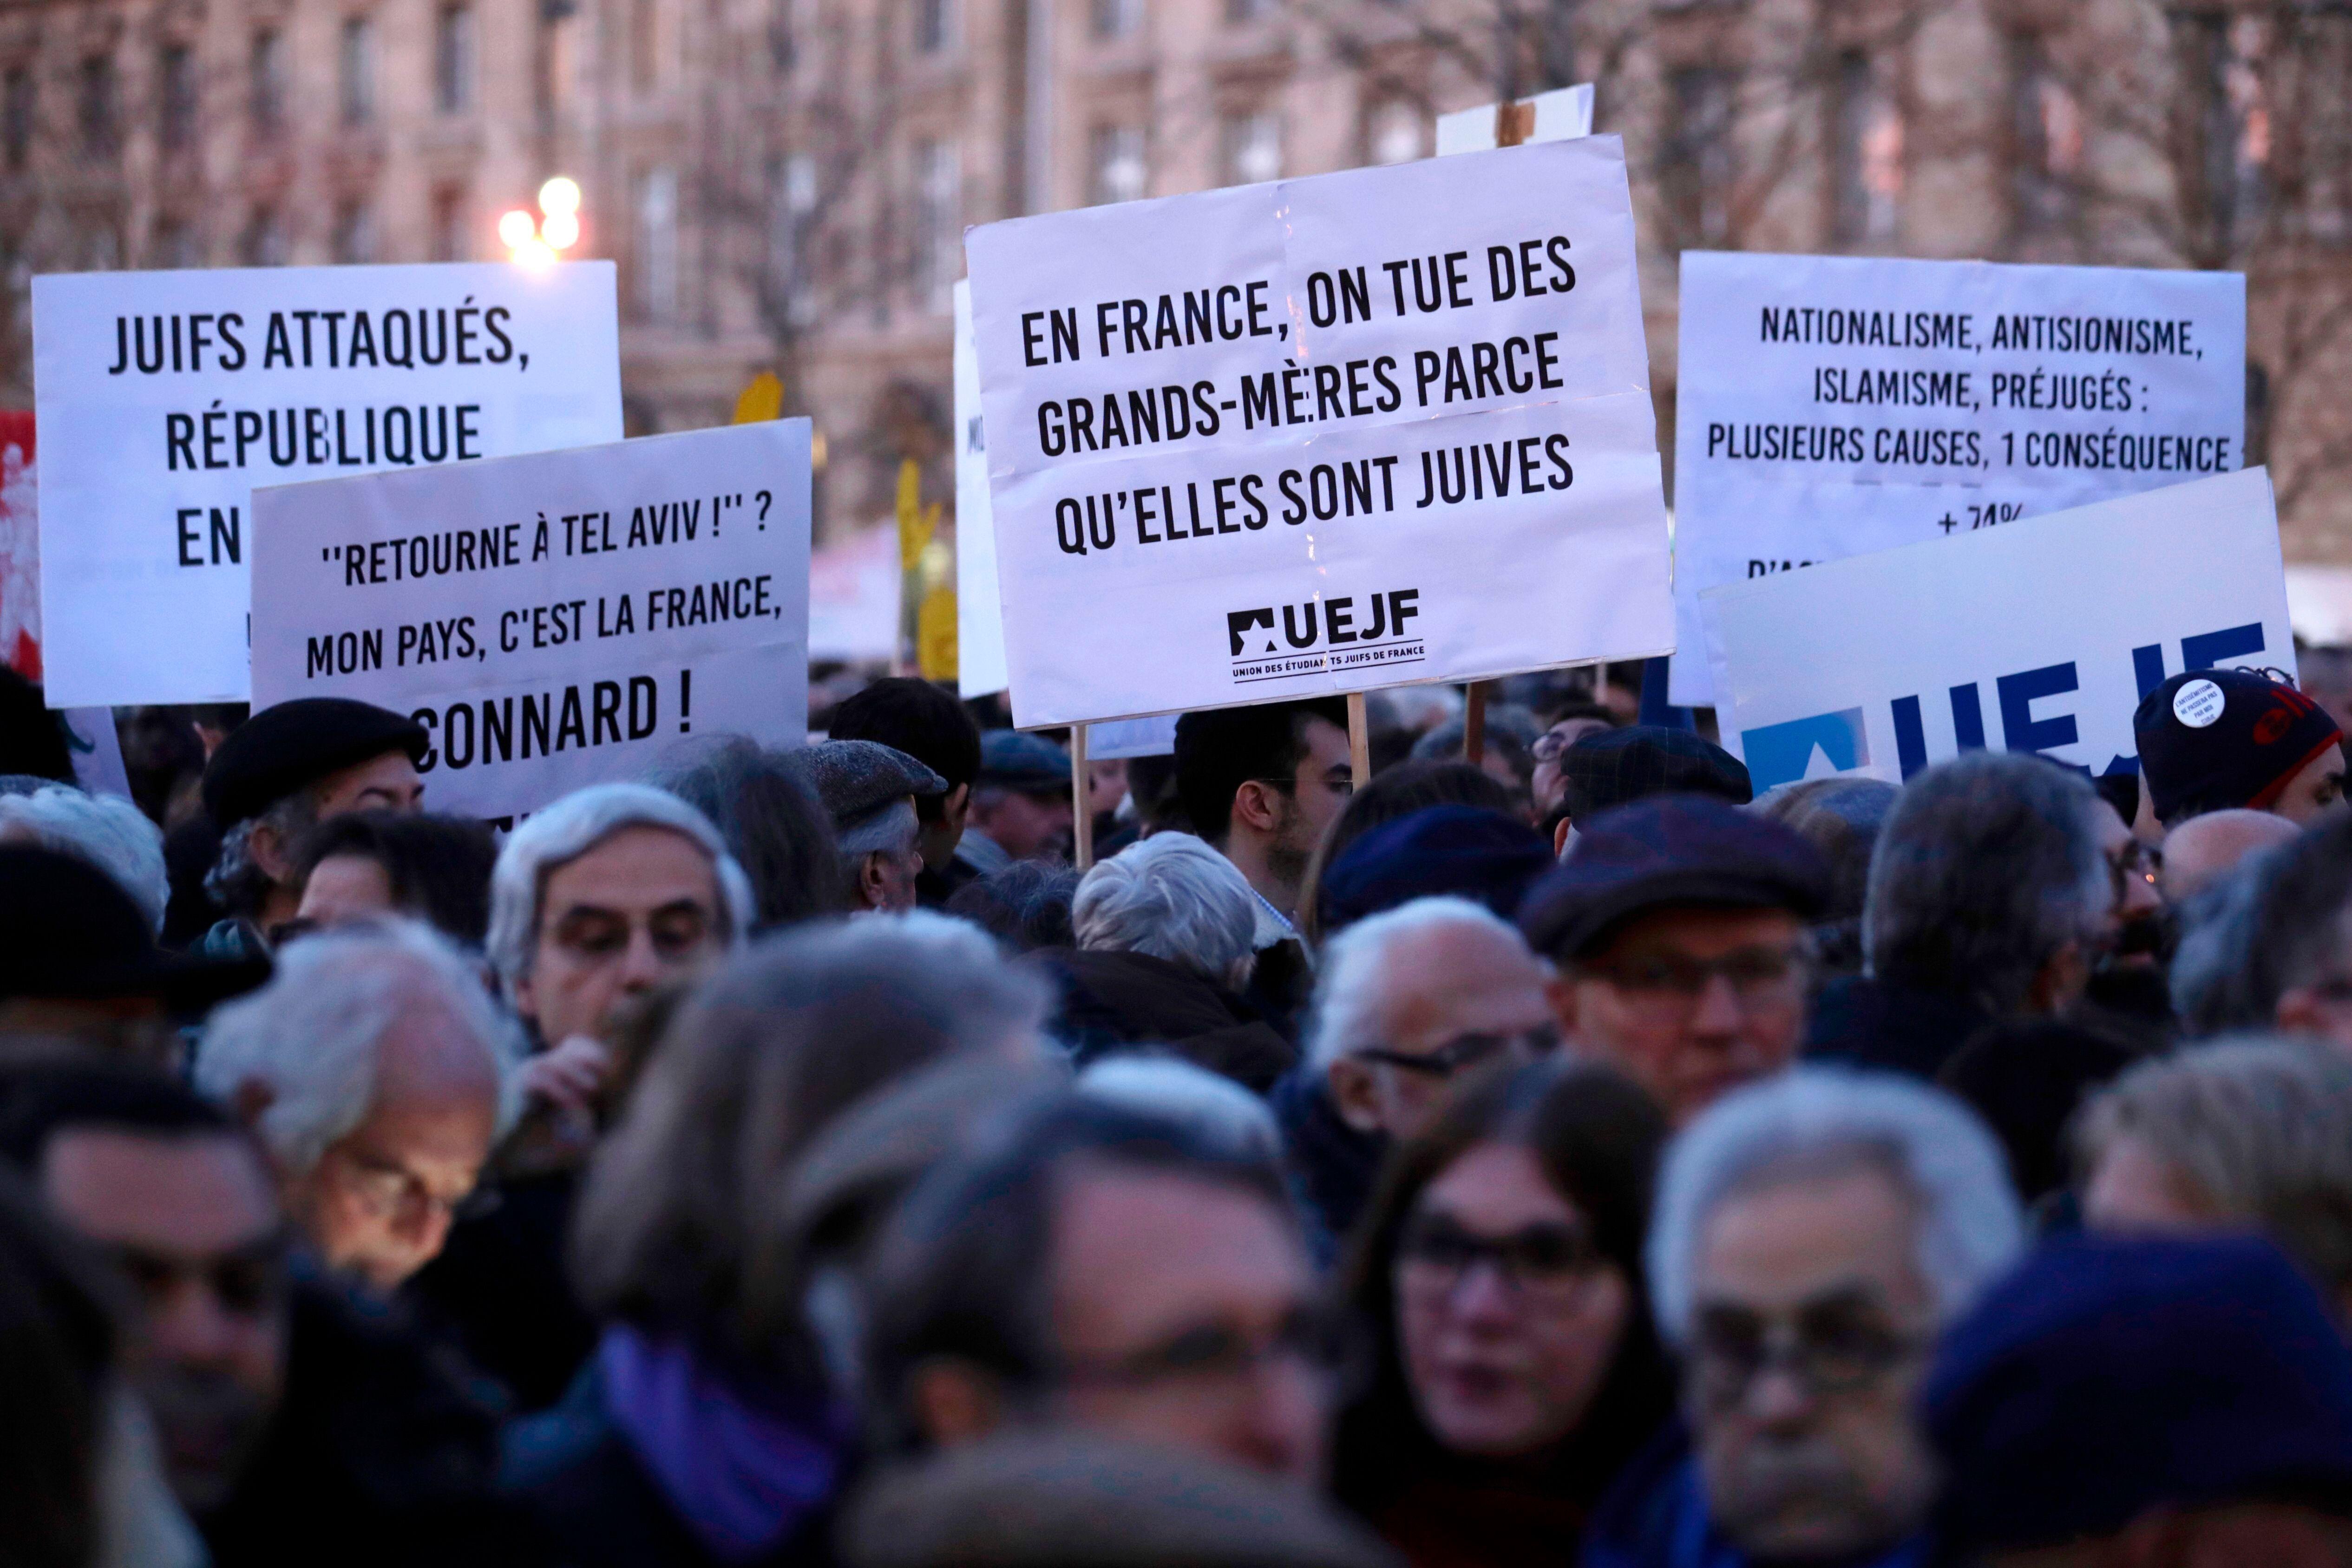 Une manifestation contre l'antisémitisme à Paris, le 19 février